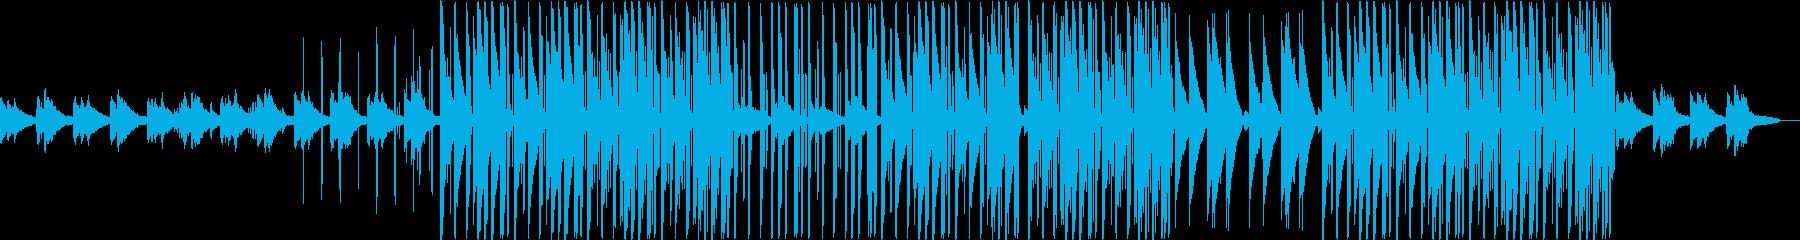 ピアノの感動的なトラップビートの再生済みの波形